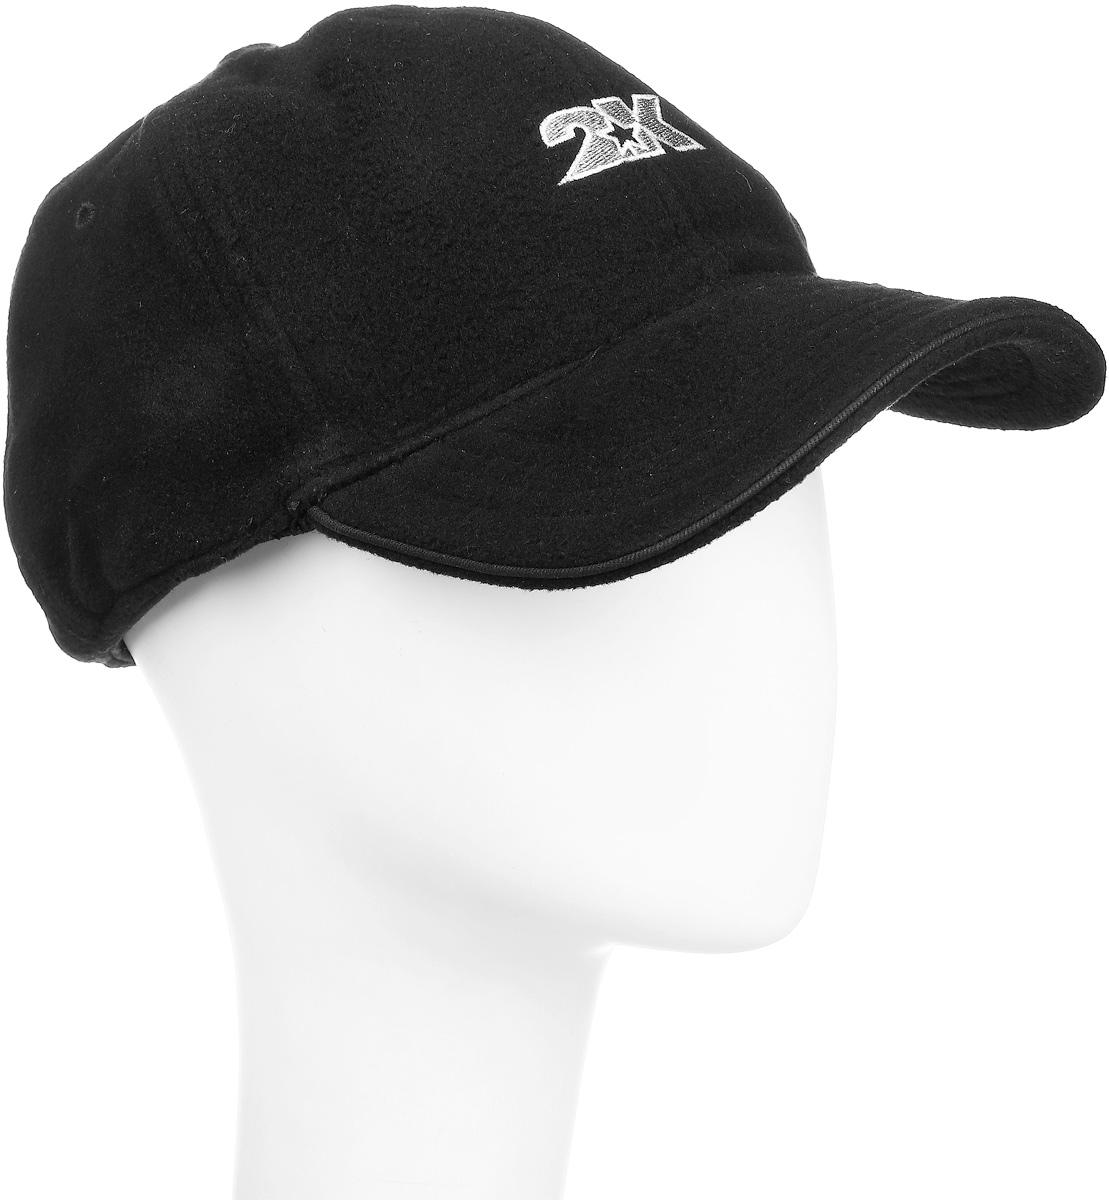 124234_blackБейсболка 2K Sport Vancouver выполнена из утепленного полиэстера и оформлена фирменной вышивкой. Модель с плотным козырьком дополнена планкой, защищающей уши и шею от ветра. Планку можно загибать внутрь. Уважаемые клиенты! Размер, доступный для заказа, является обхватом головы.